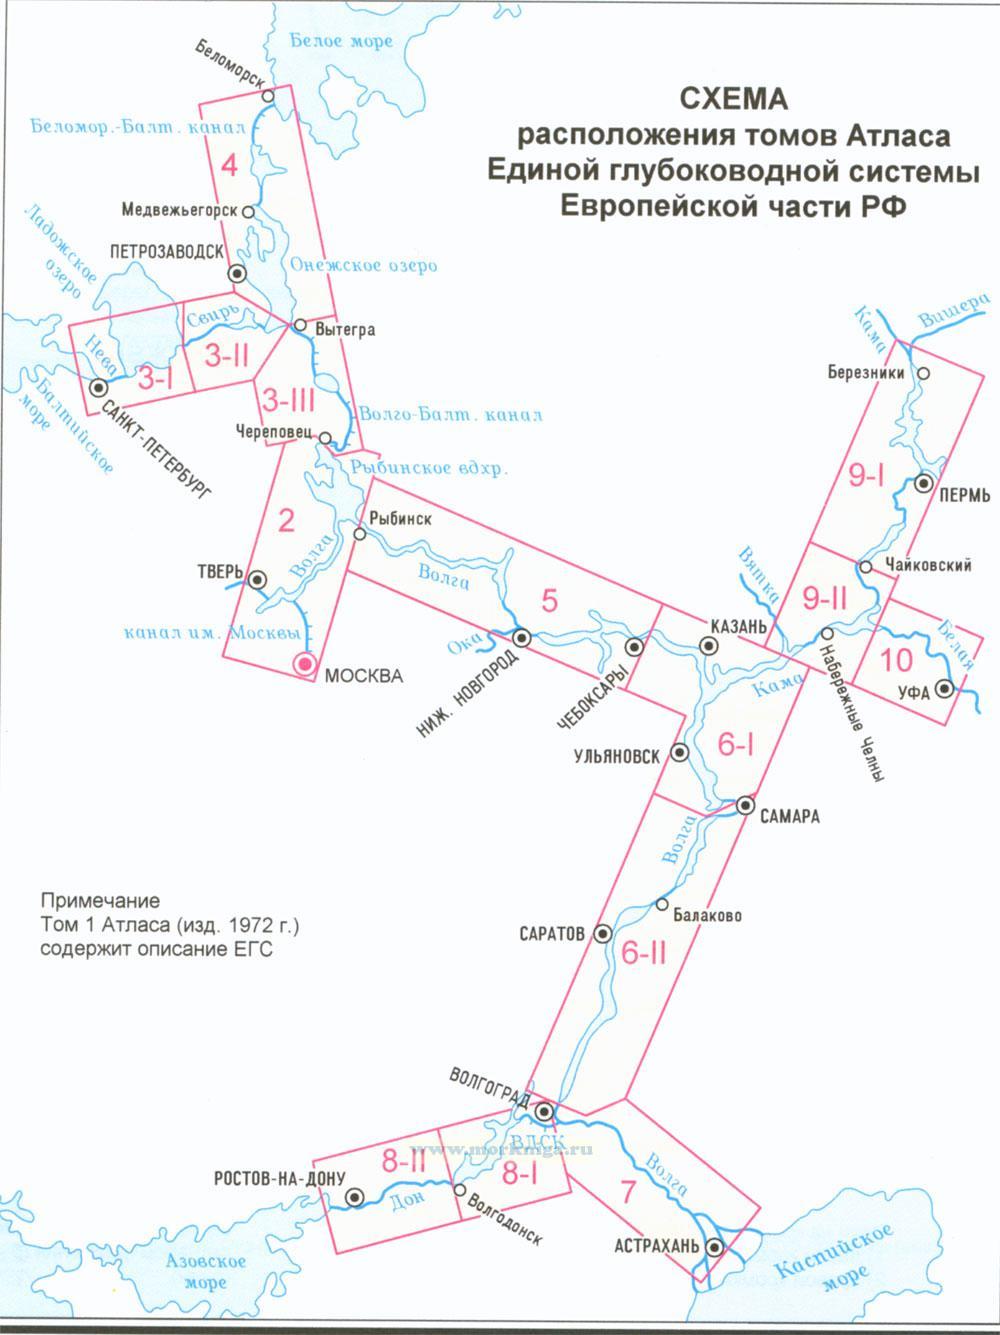 Атлас единой глубоководной системы Европейской части РФ. Том 3. Часть 1. Волго-Балтийский водный путь. Река Нева включаючая корректуру на начало 2018 года